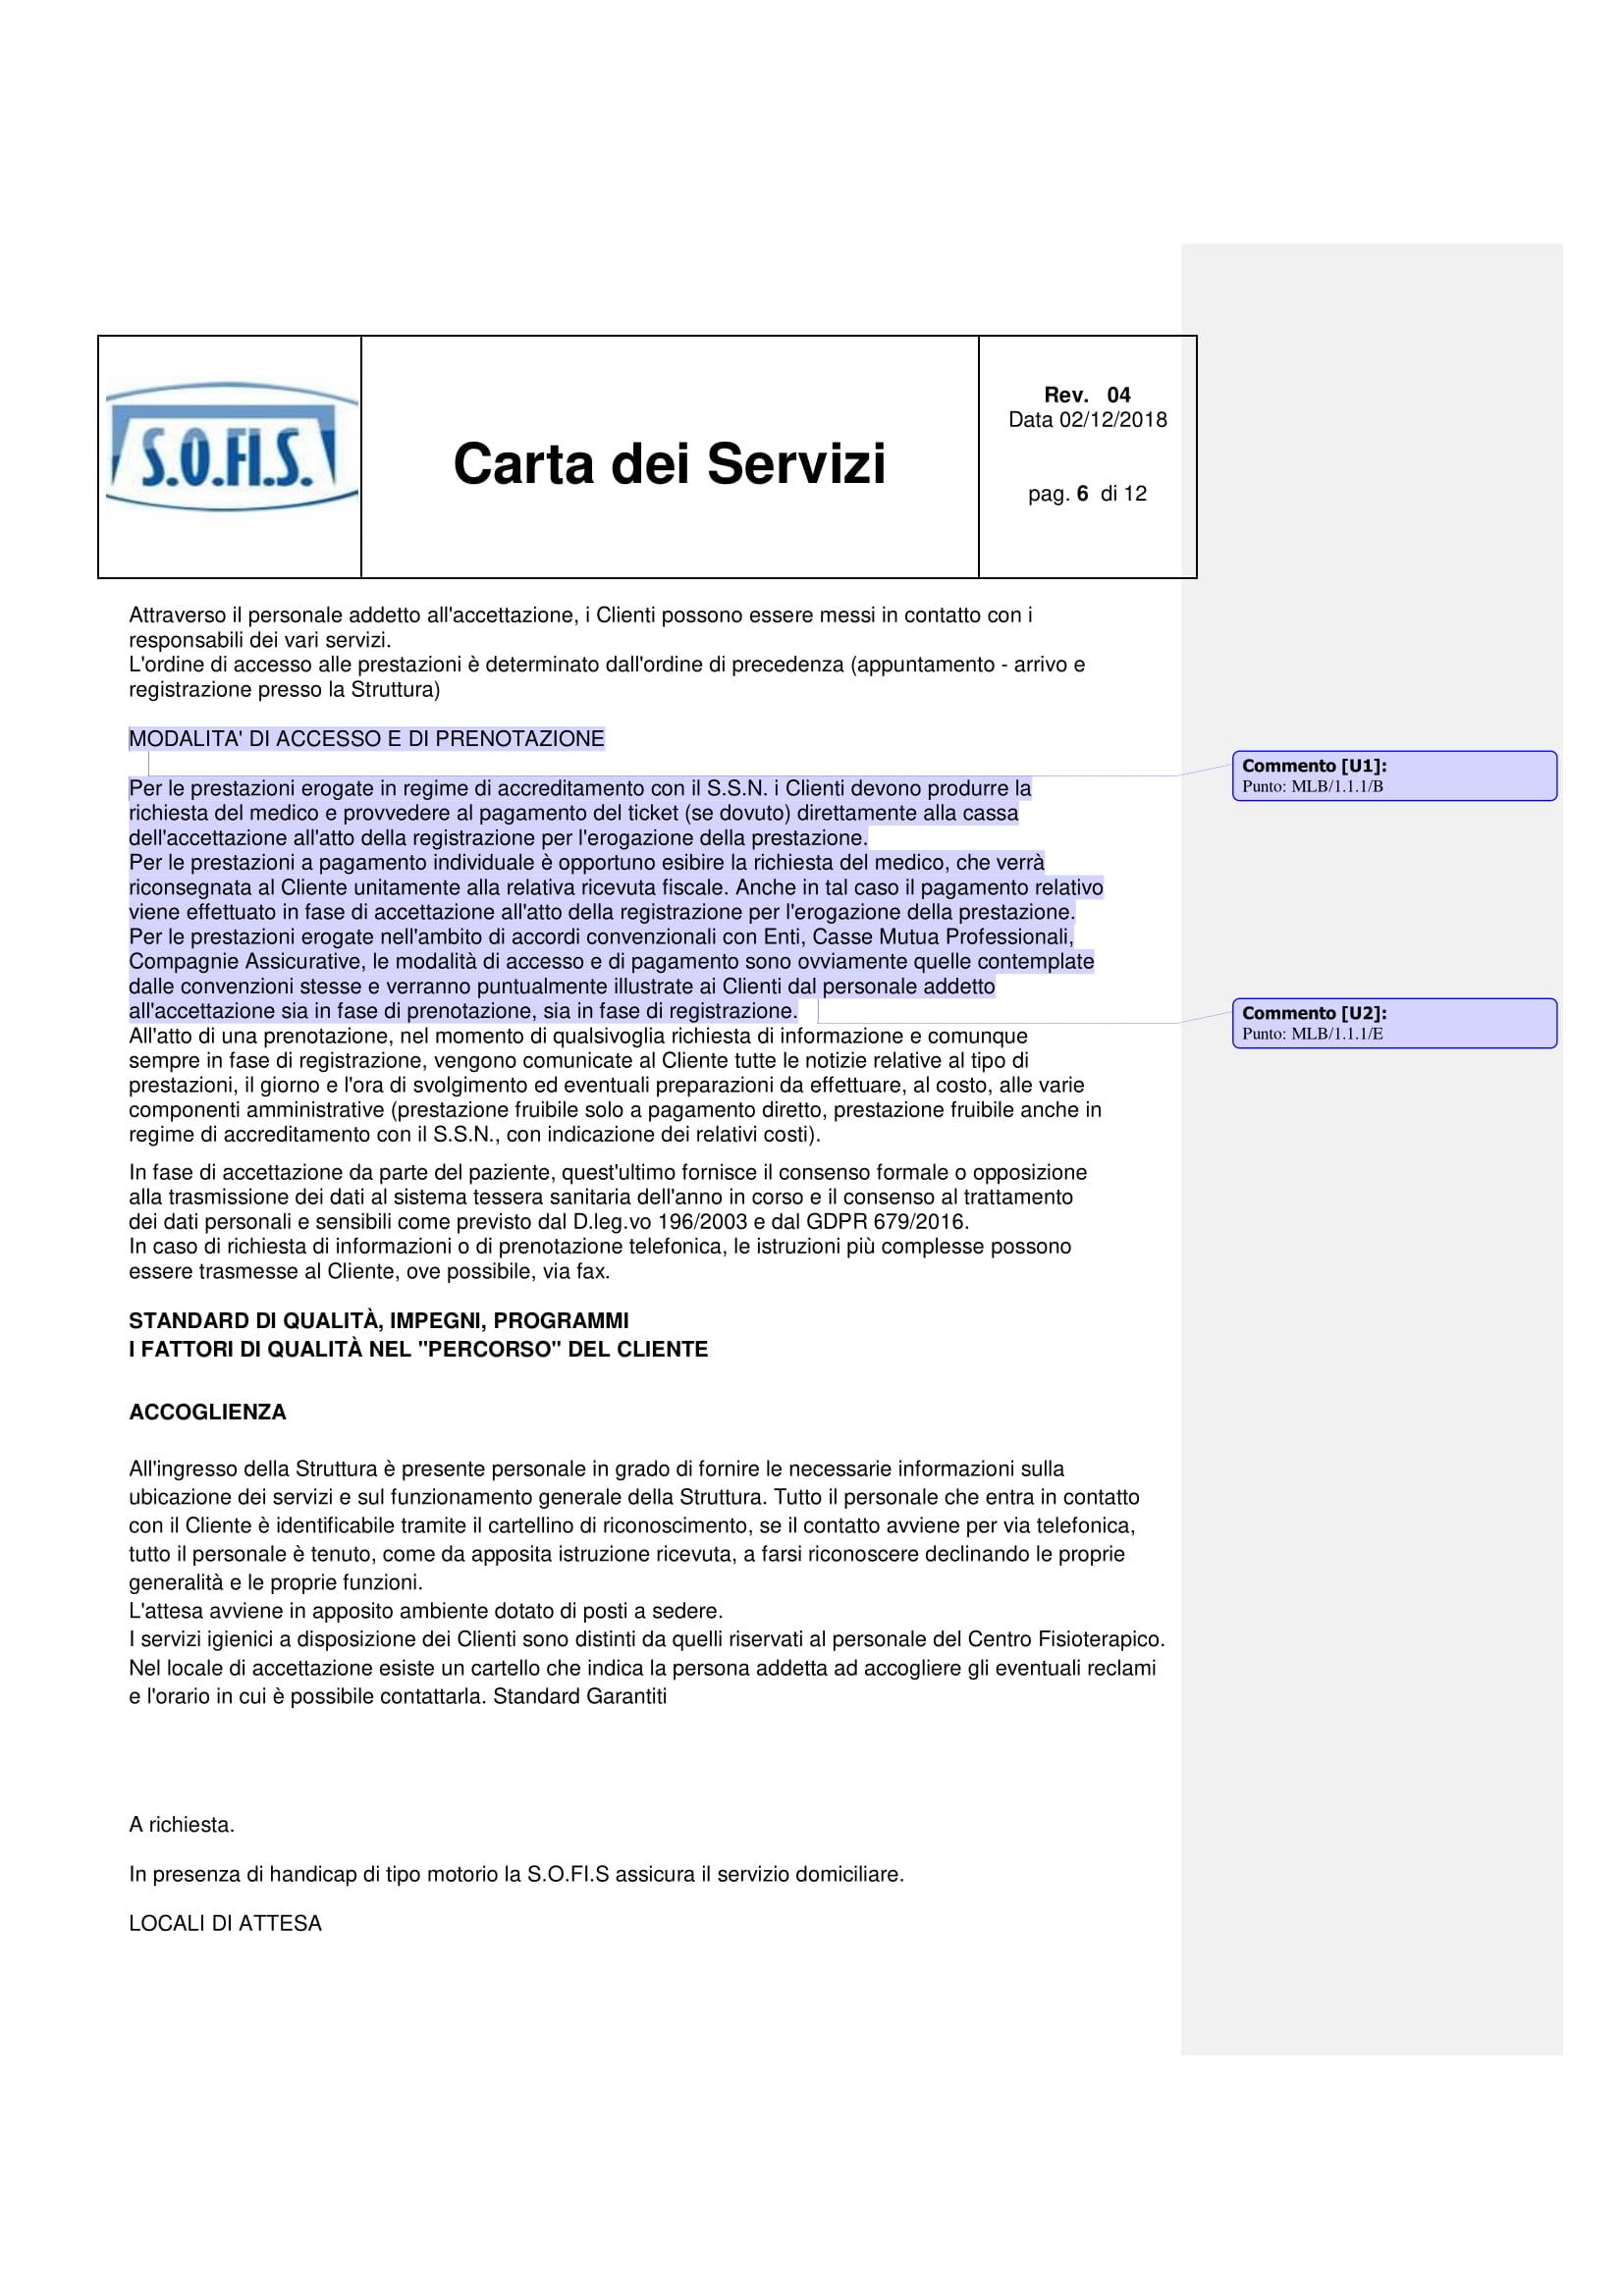 carta_servizi-6